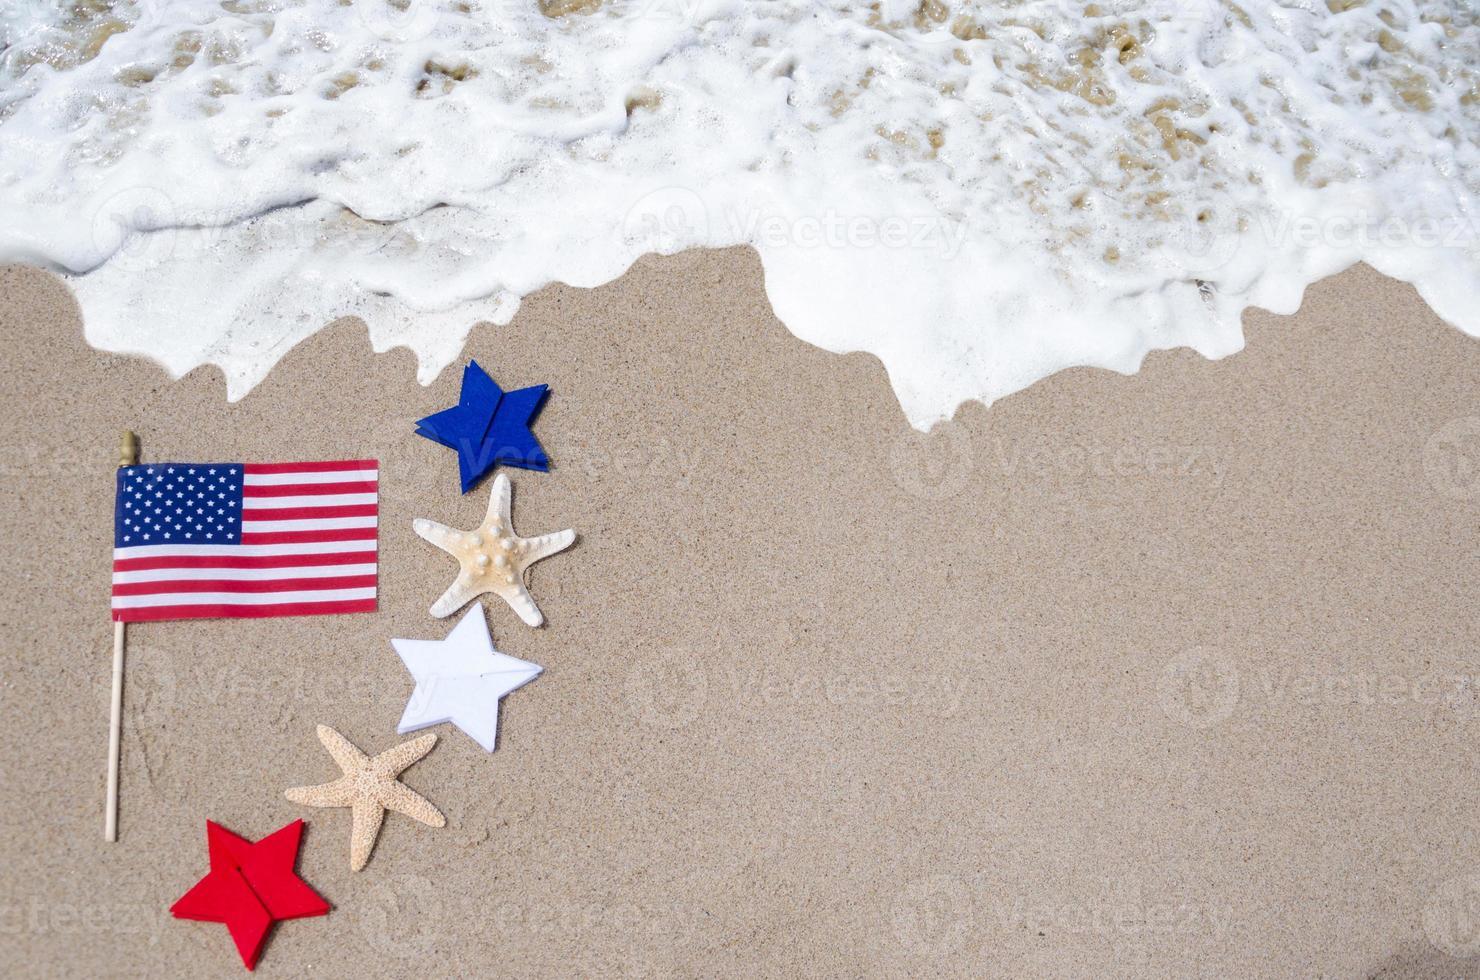 bandeira americana com estrela do mar na praia foto